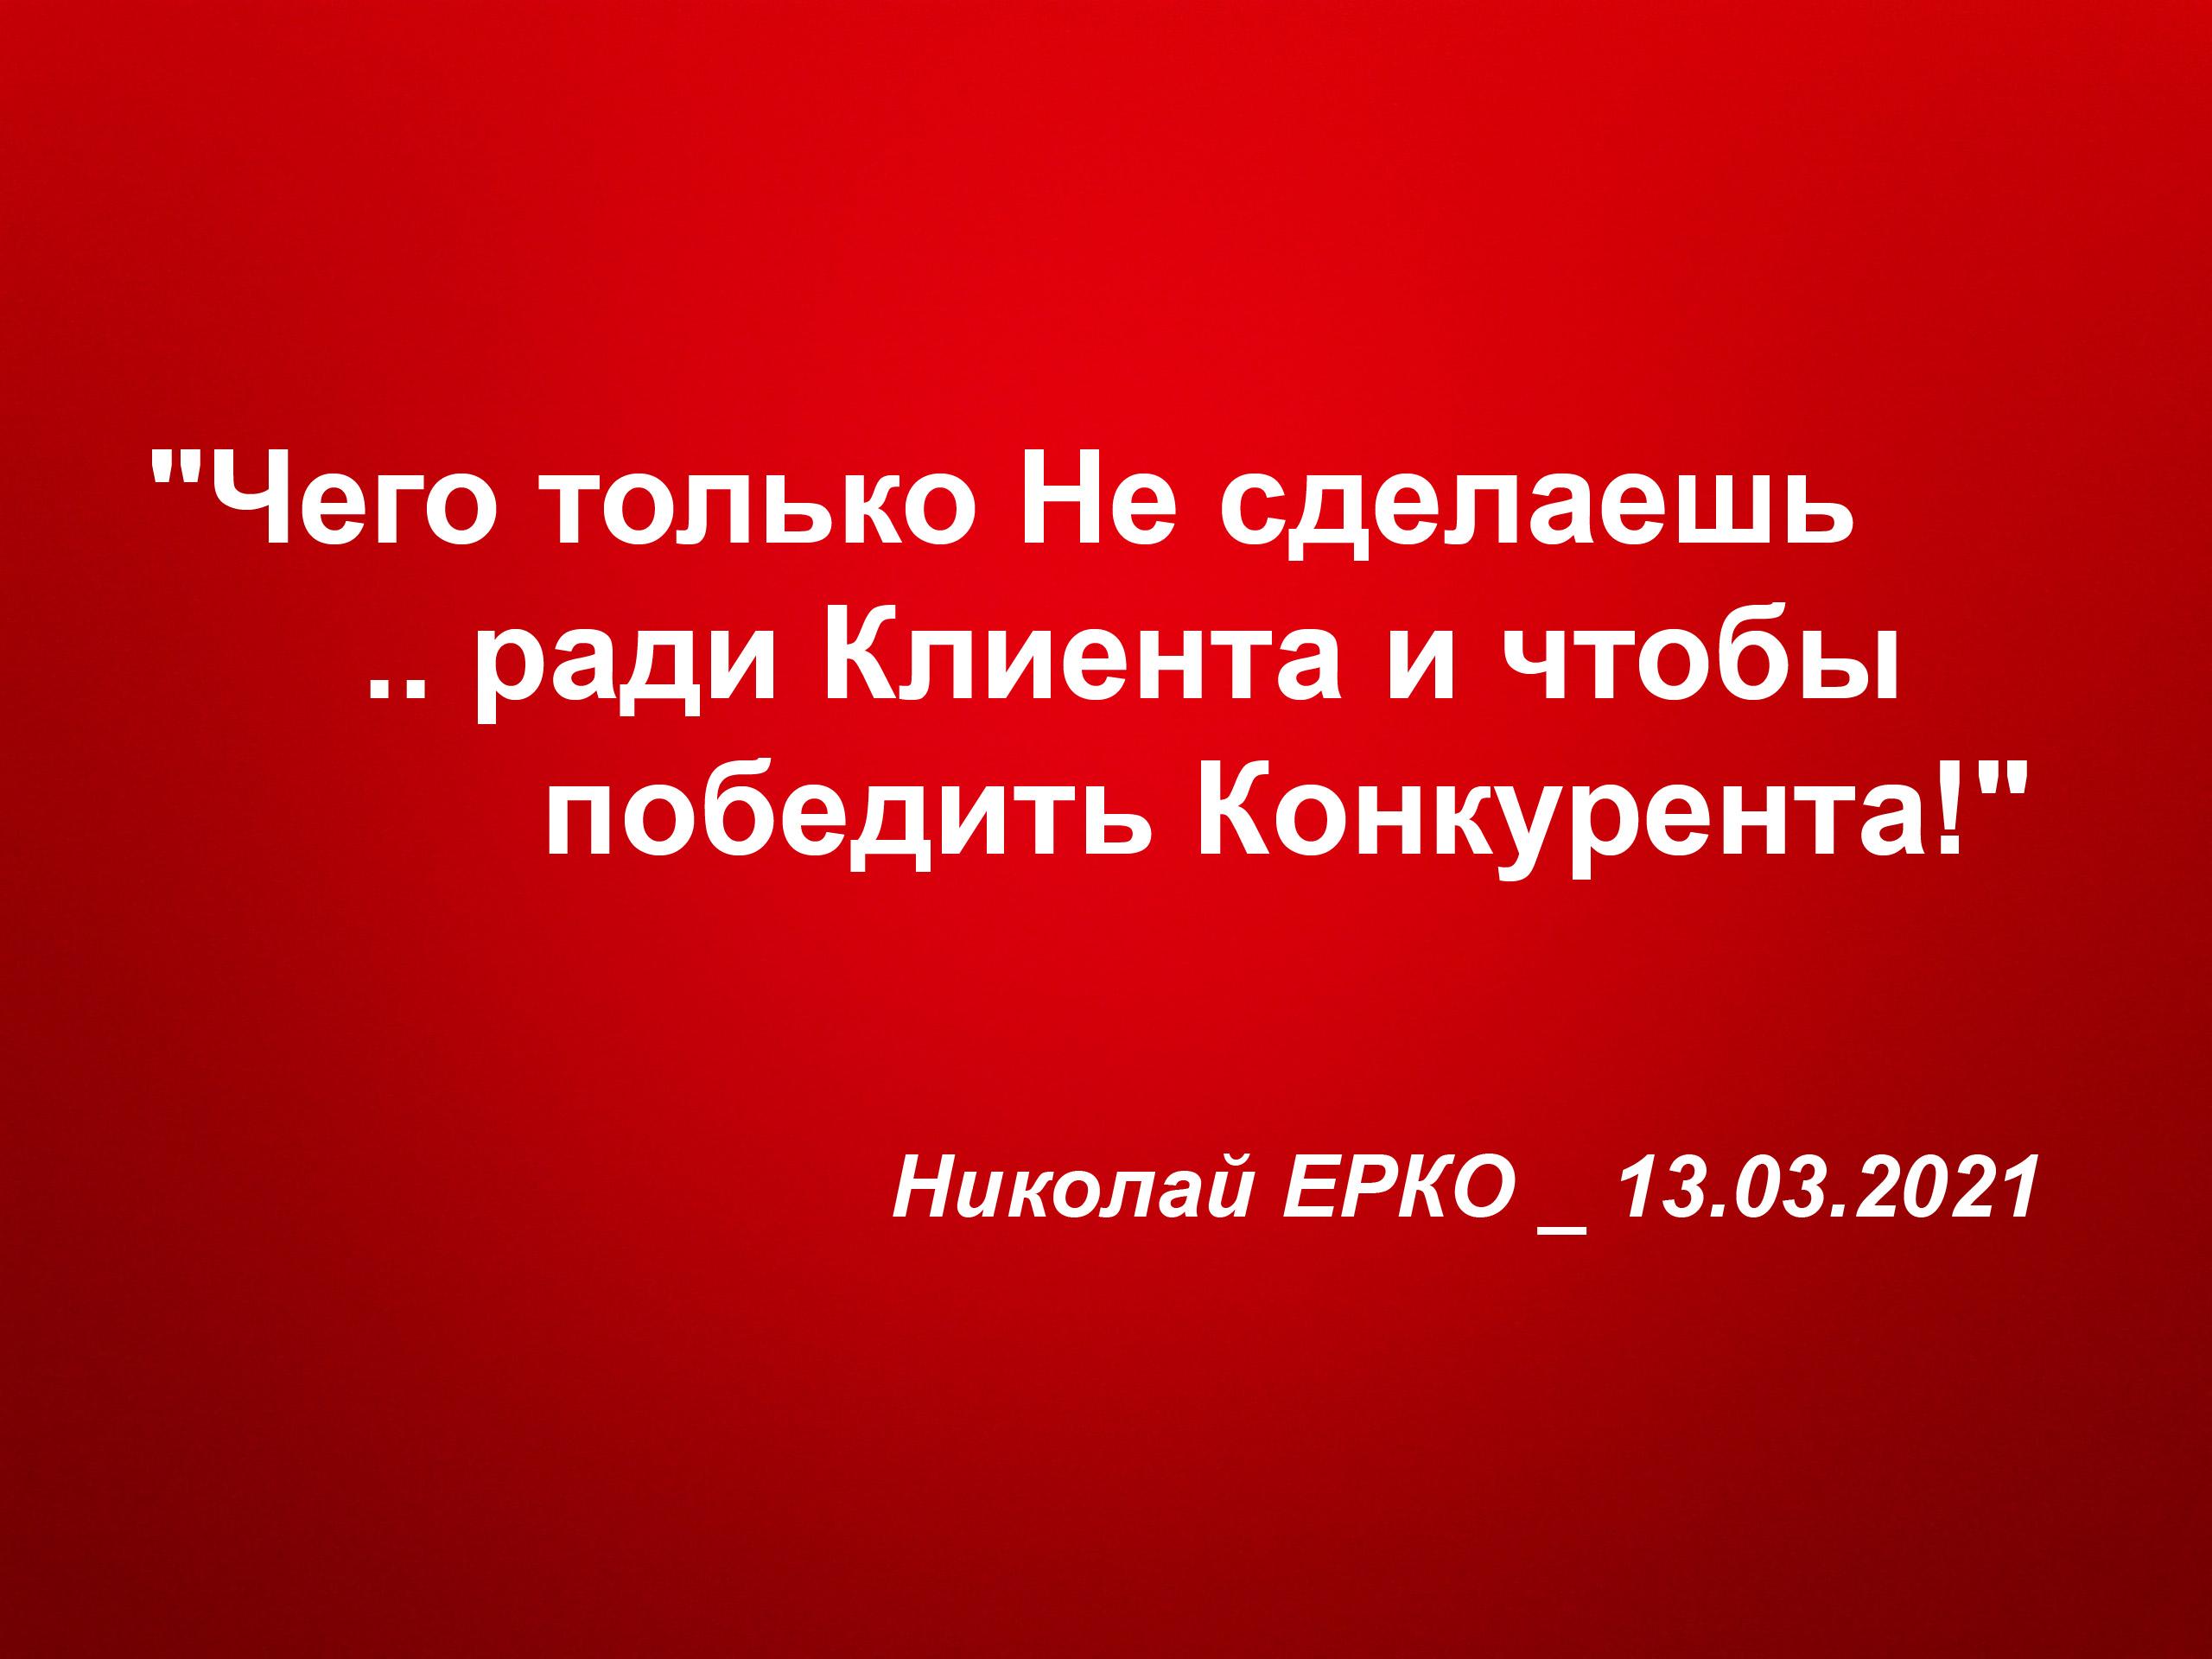 Николай ЕРКО - высказывания